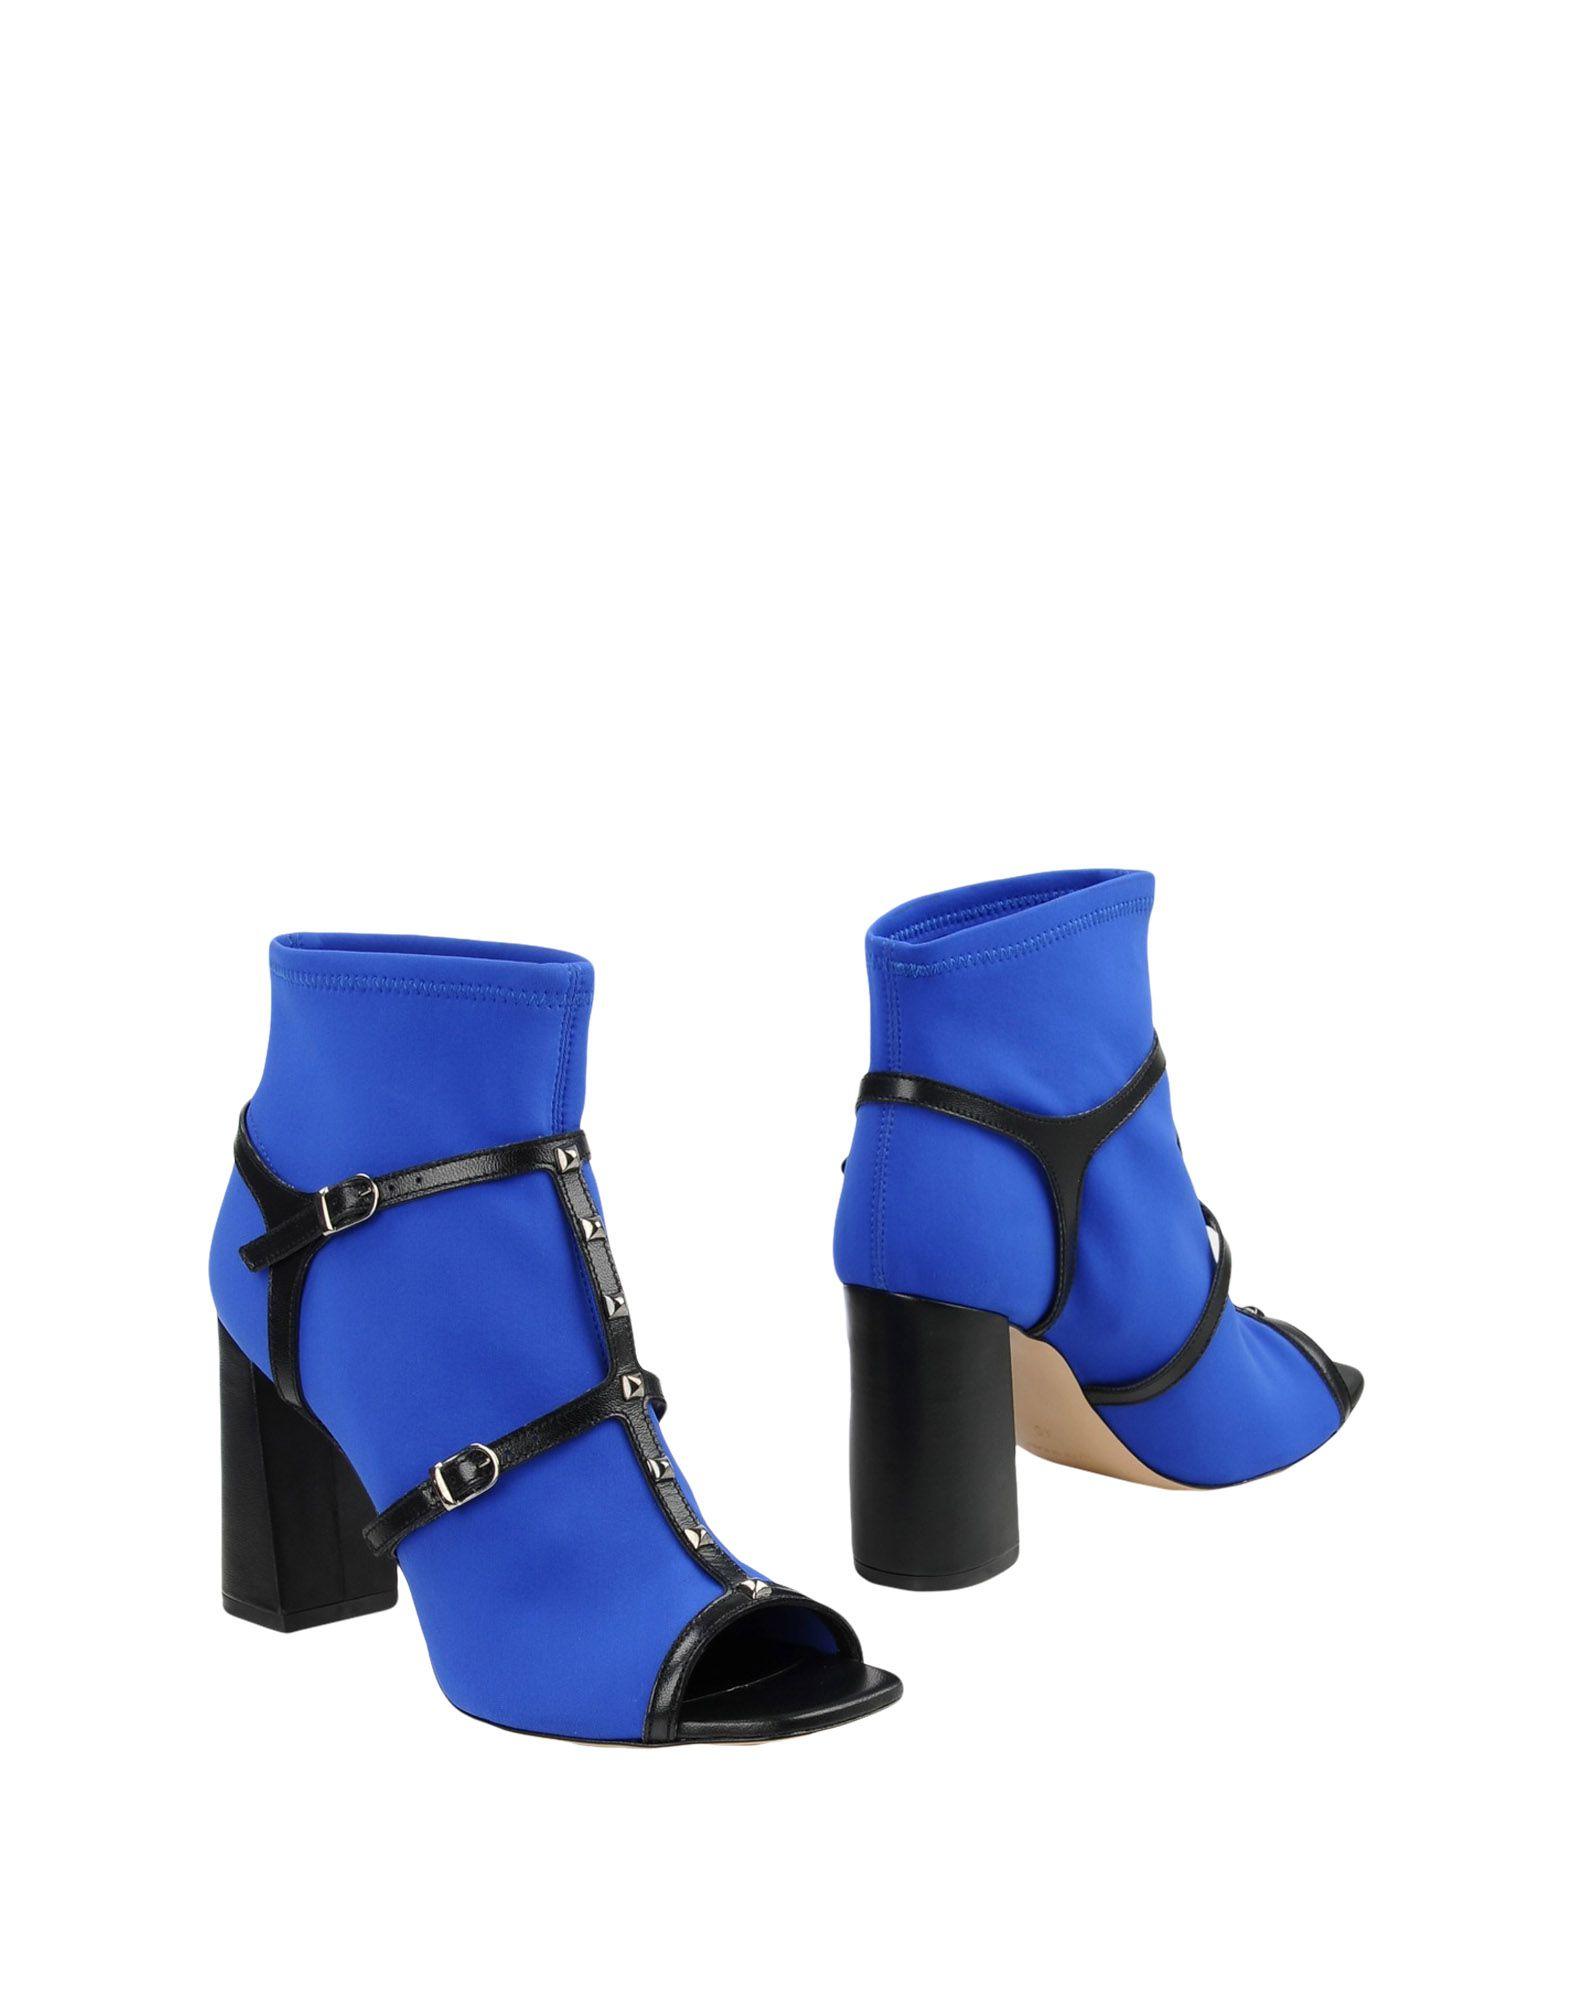 STEPHEN GOOD London Полусапоги и высокие ботинки stephen good london полусапоги и высокие ботинки